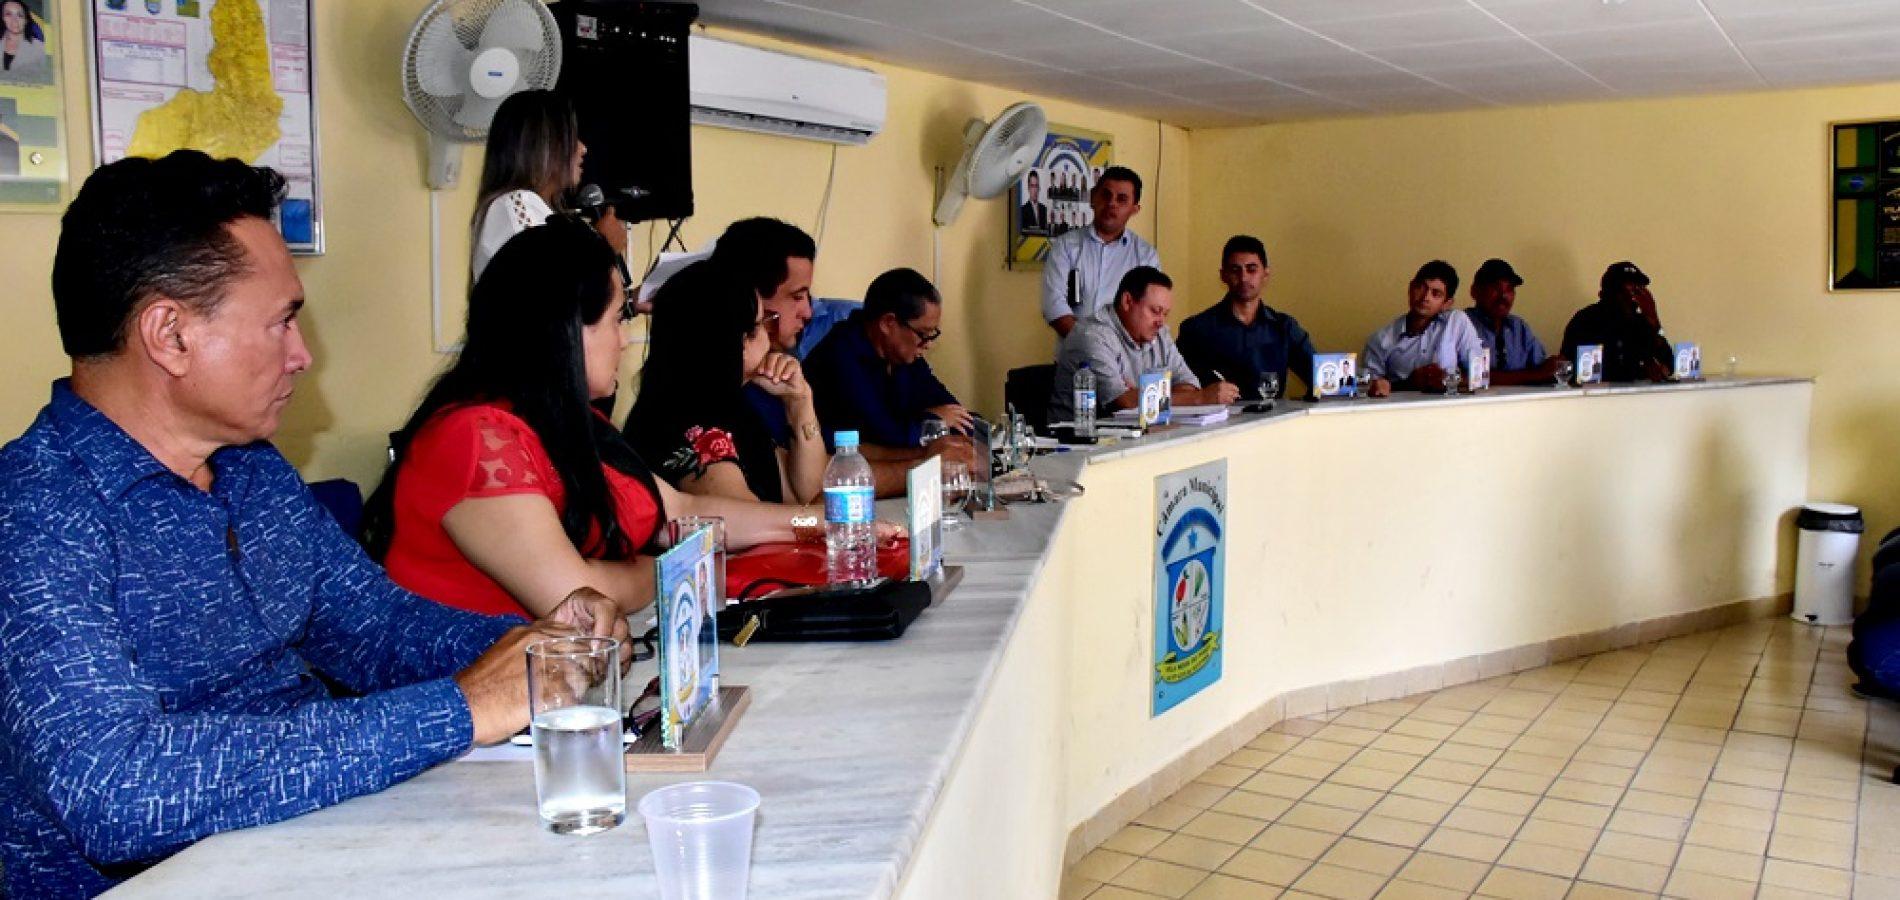 VILA NOVA | Em sessão, vereador Adonelys apresenta ações do seu mandato para o Pov. São João Batista e repudia críticas infundadas